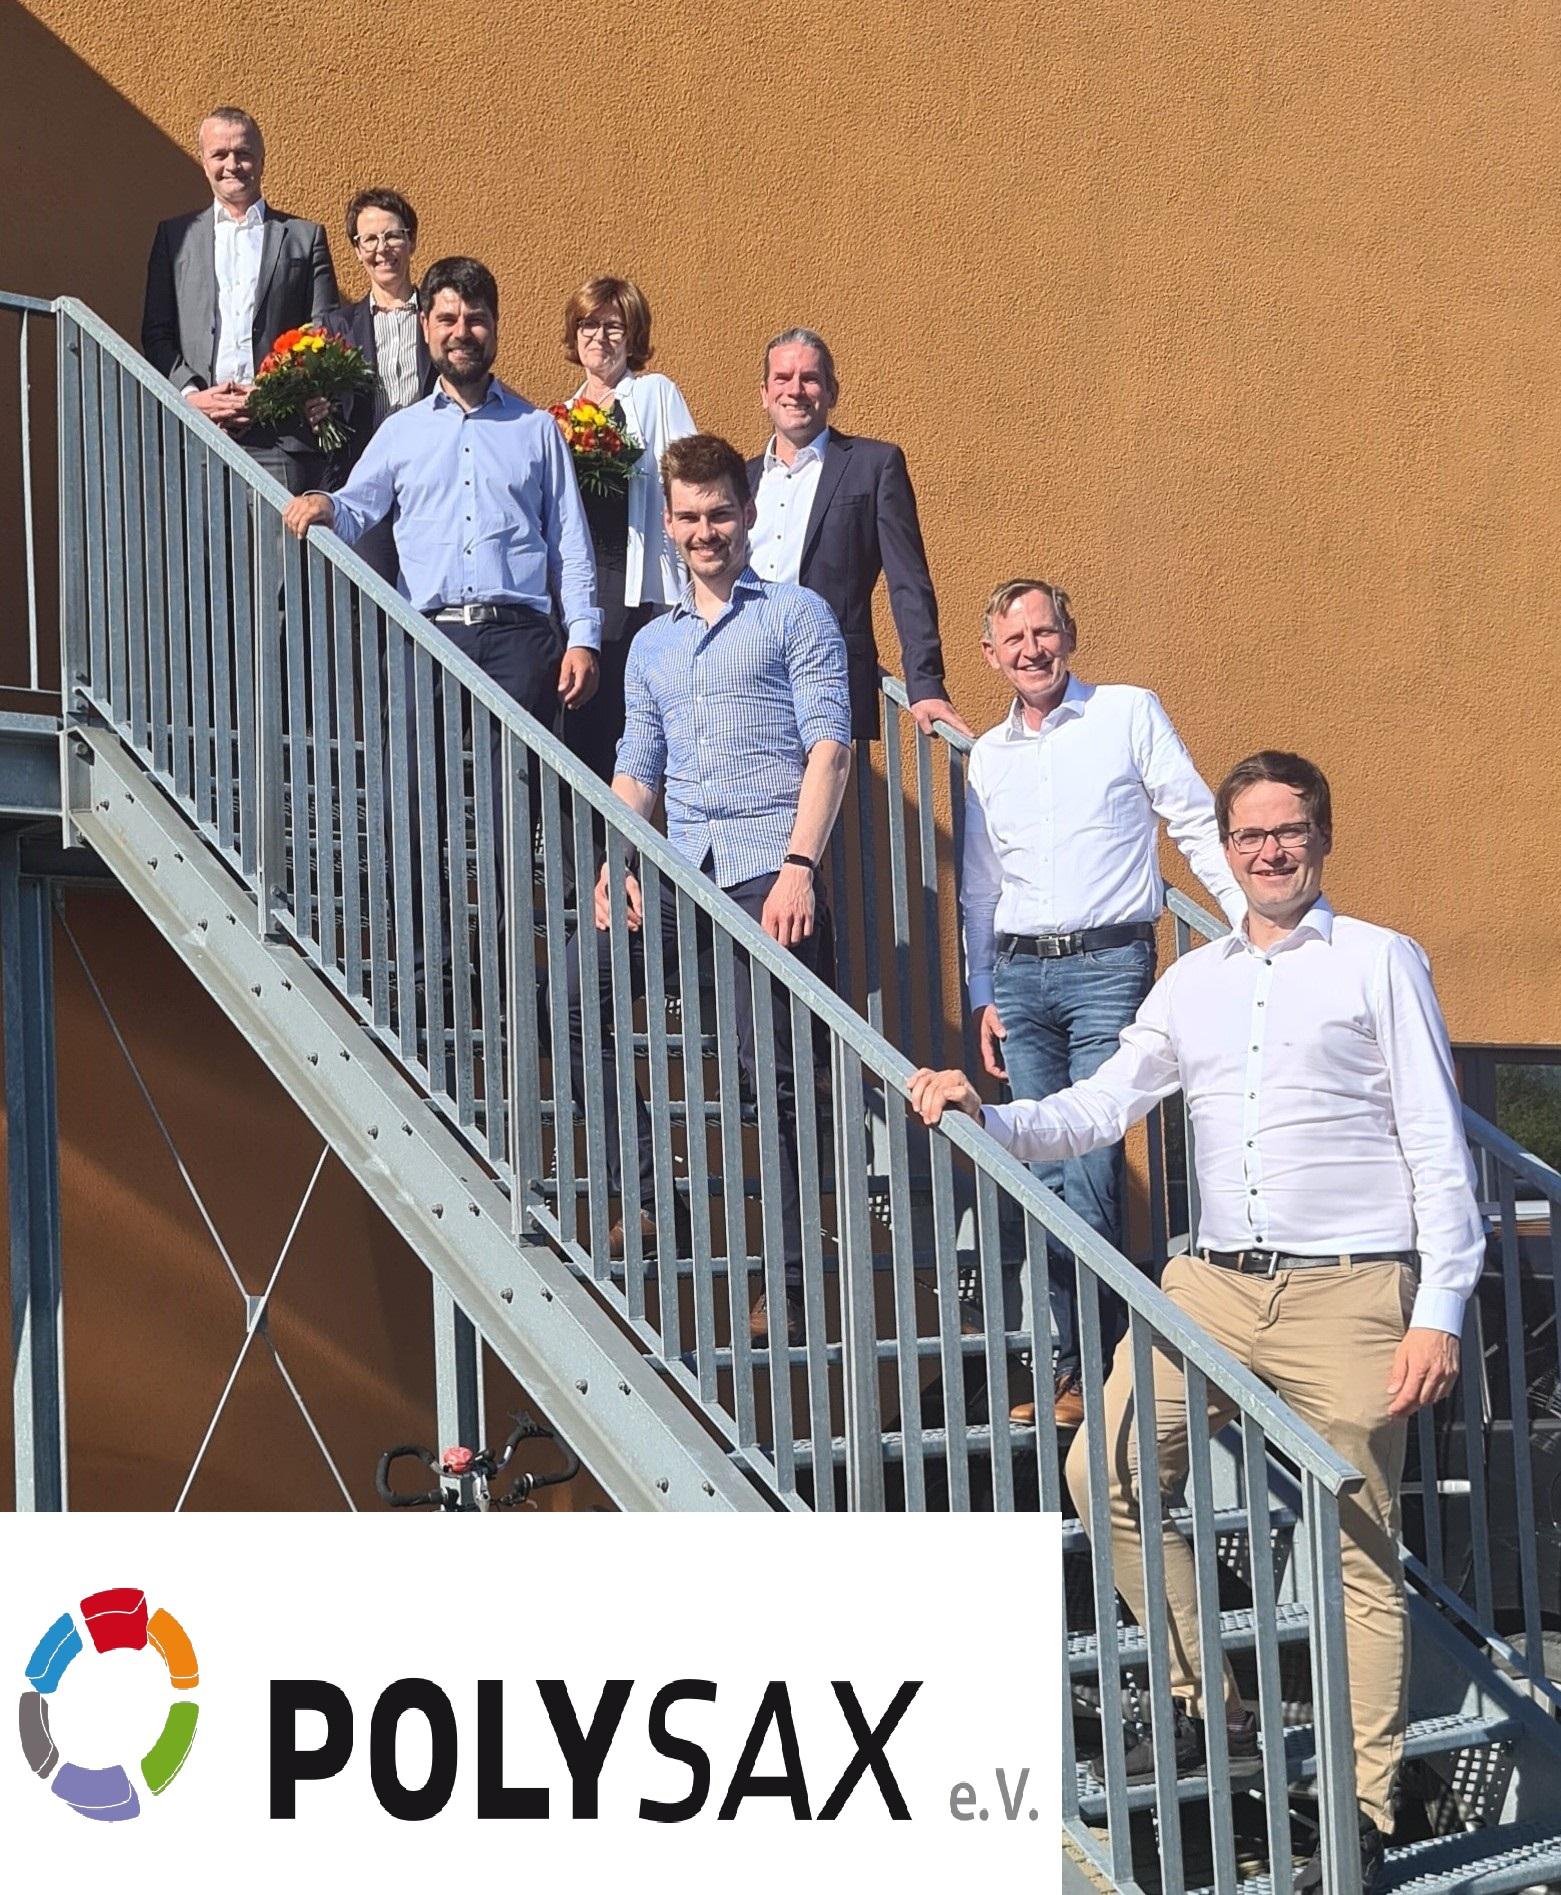 Neuer Vorstand des Polysax e.V. gewählt